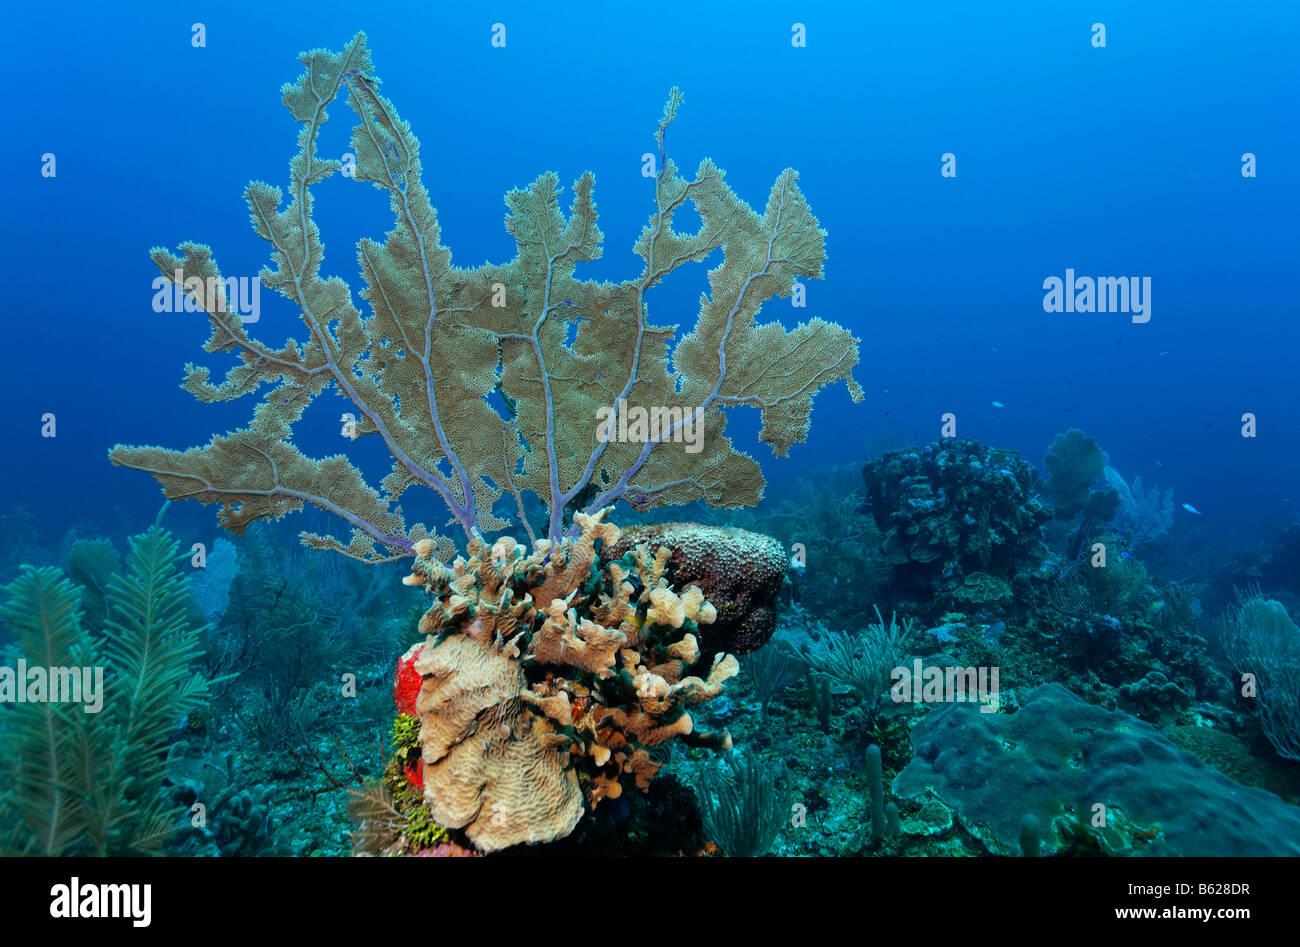 Gemeinsamen Meer Korallenriff Fan (Gorgonia Ventalina) wächst auf einem hoch aufragenden Block von Korallen Stockbild